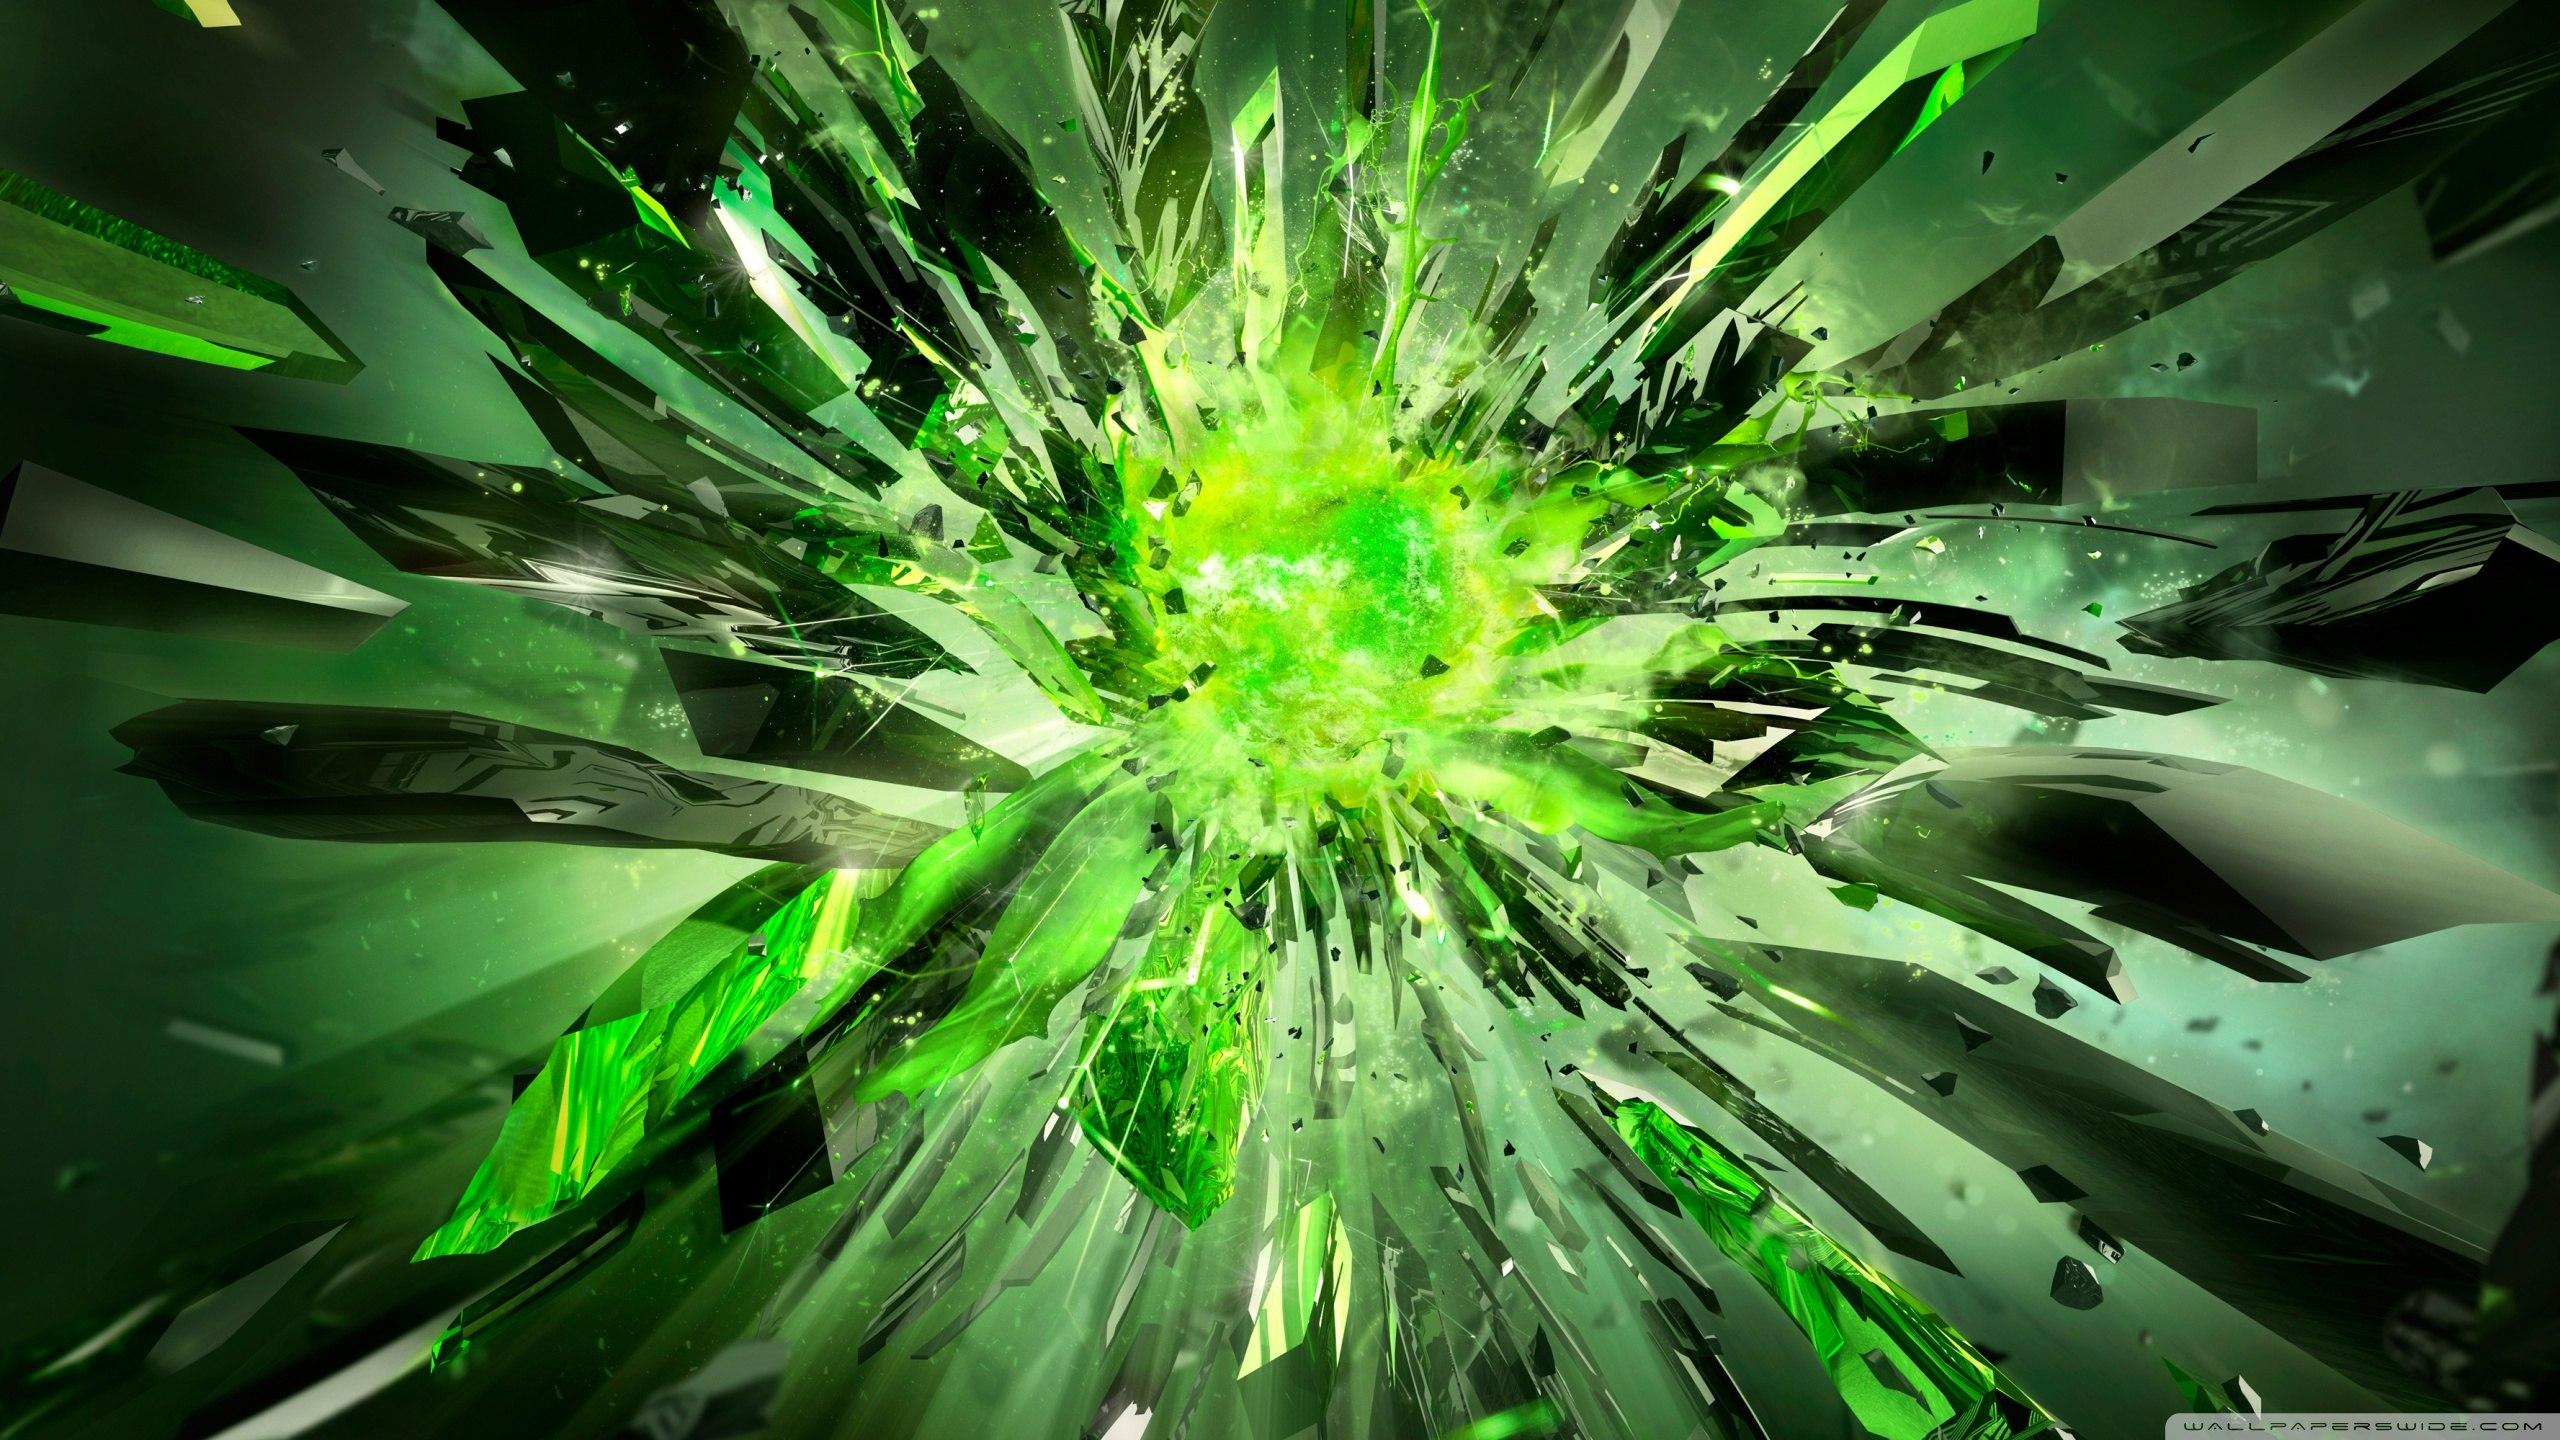 Green wallpaper 2560x1440 HQ WALLPAPER   25018 2560x1440